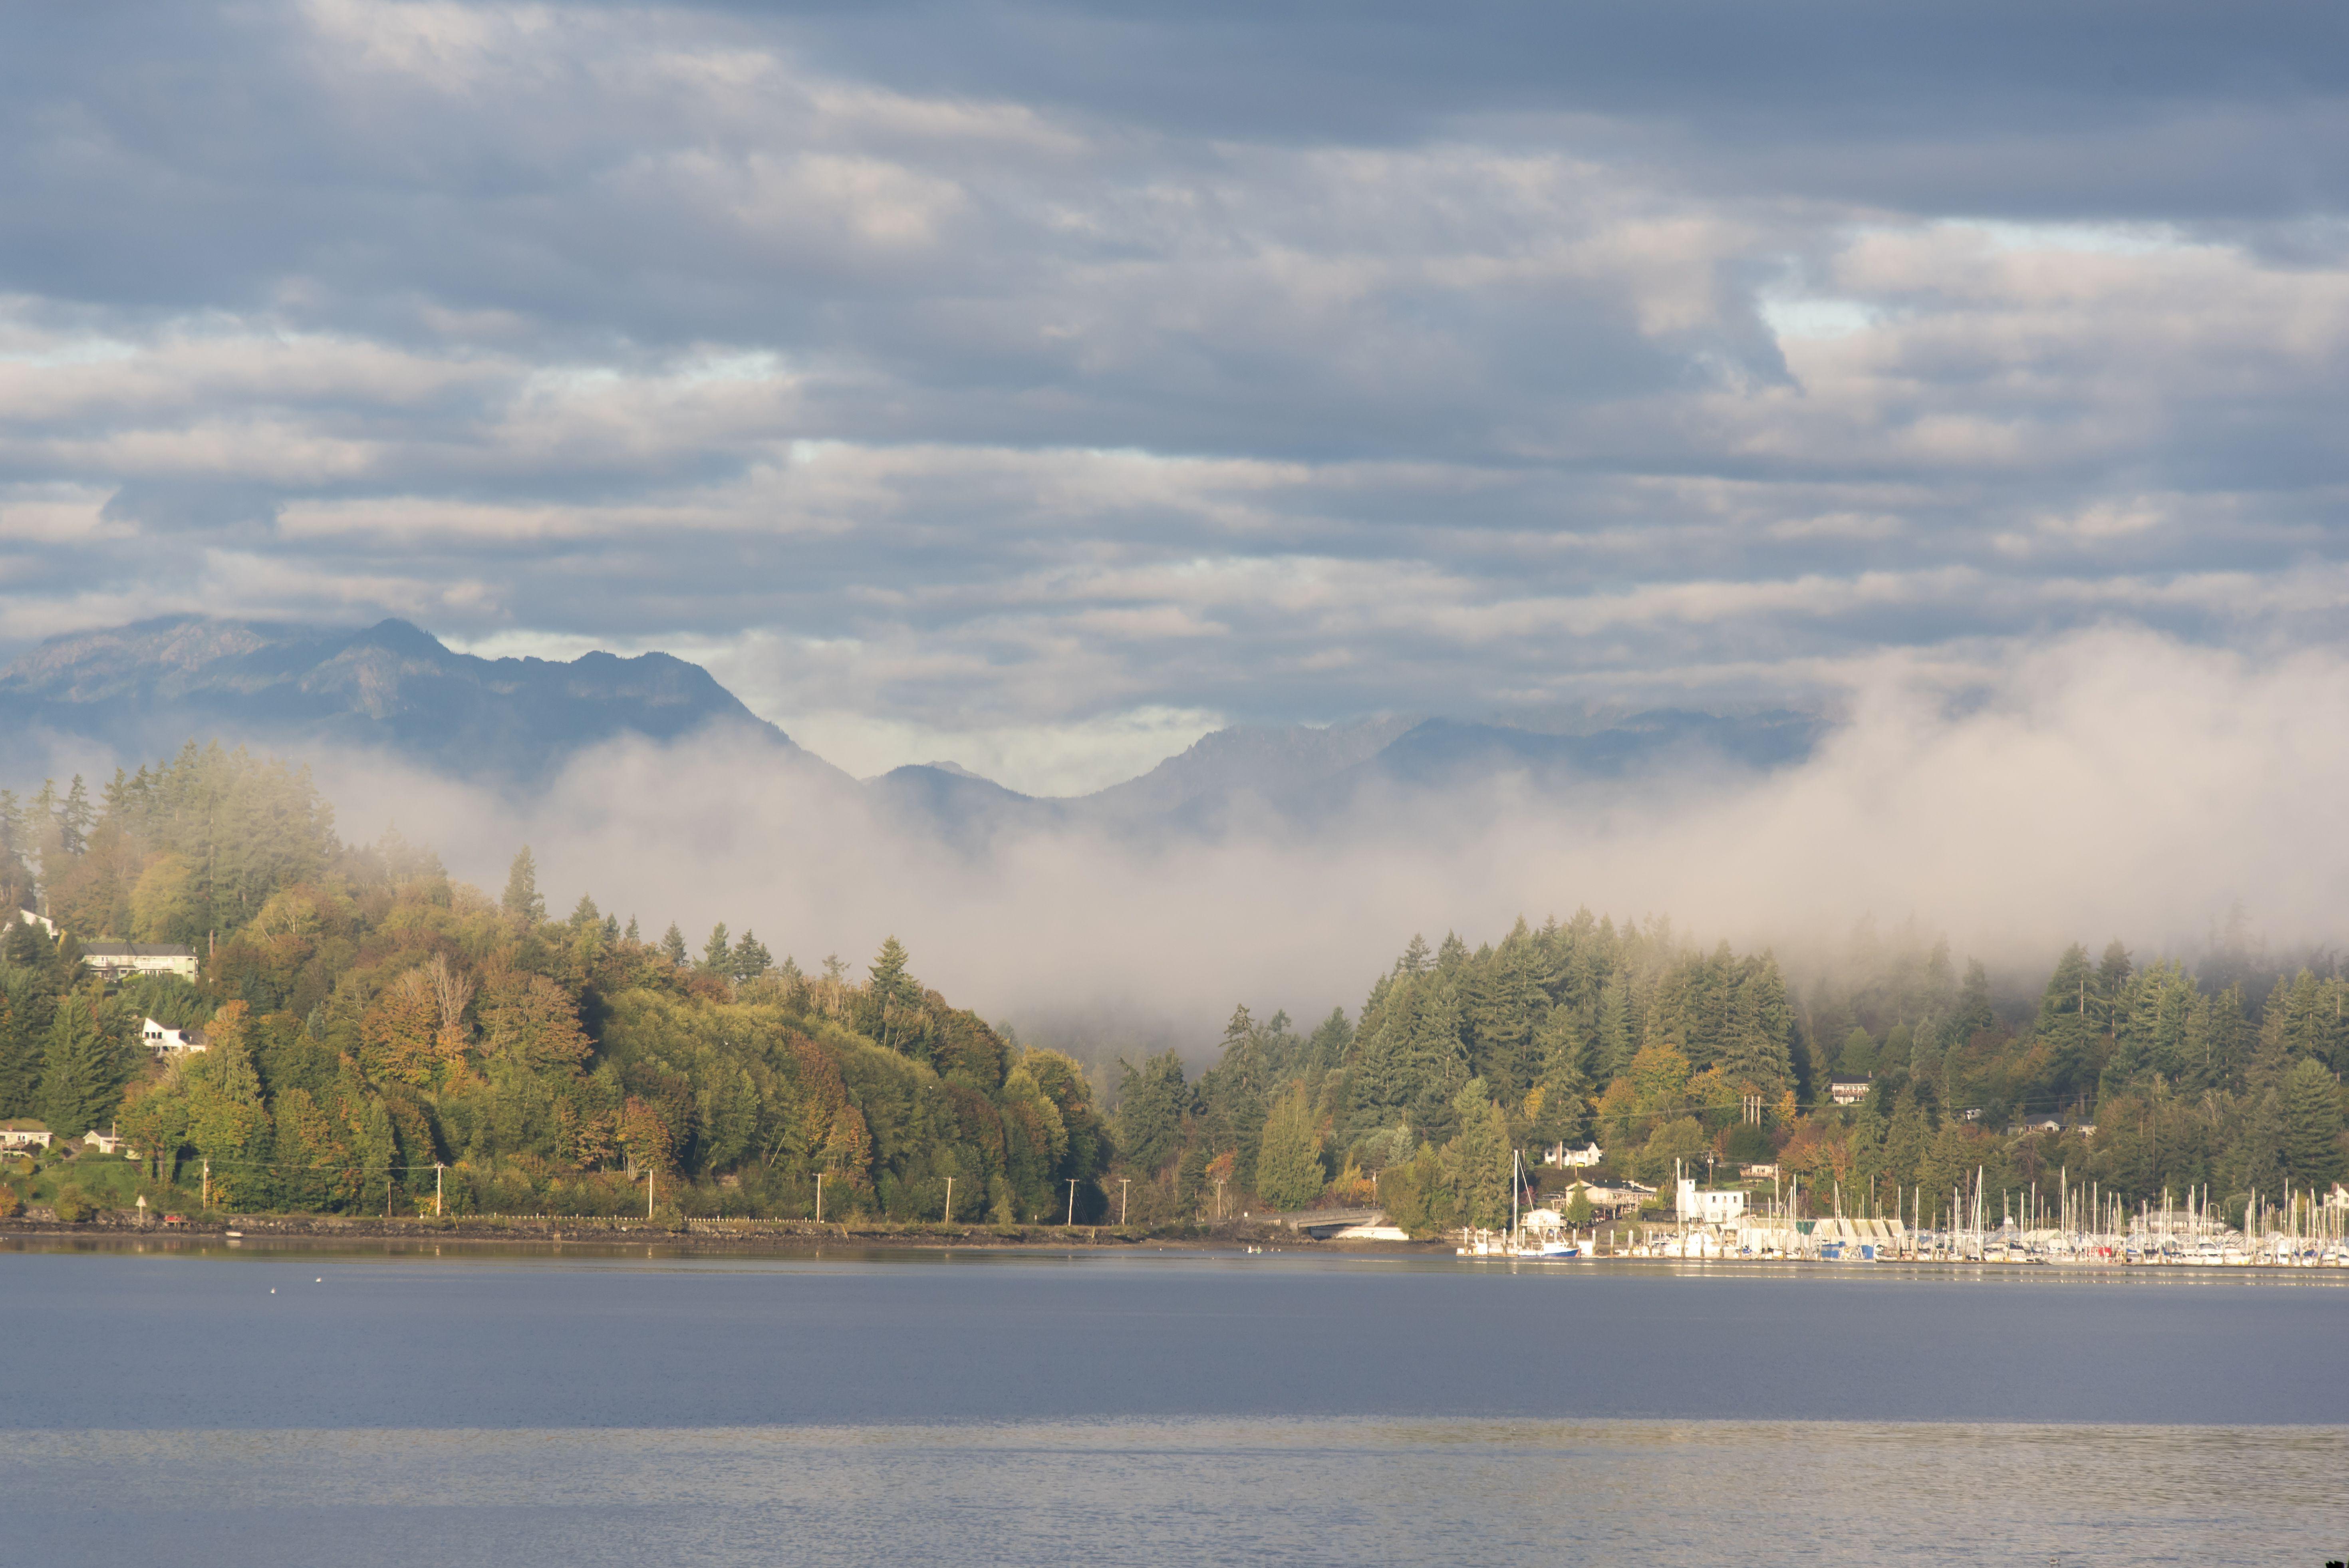 Kitsap Peninsula and Olympic Mountains with mist, Washington State, USA